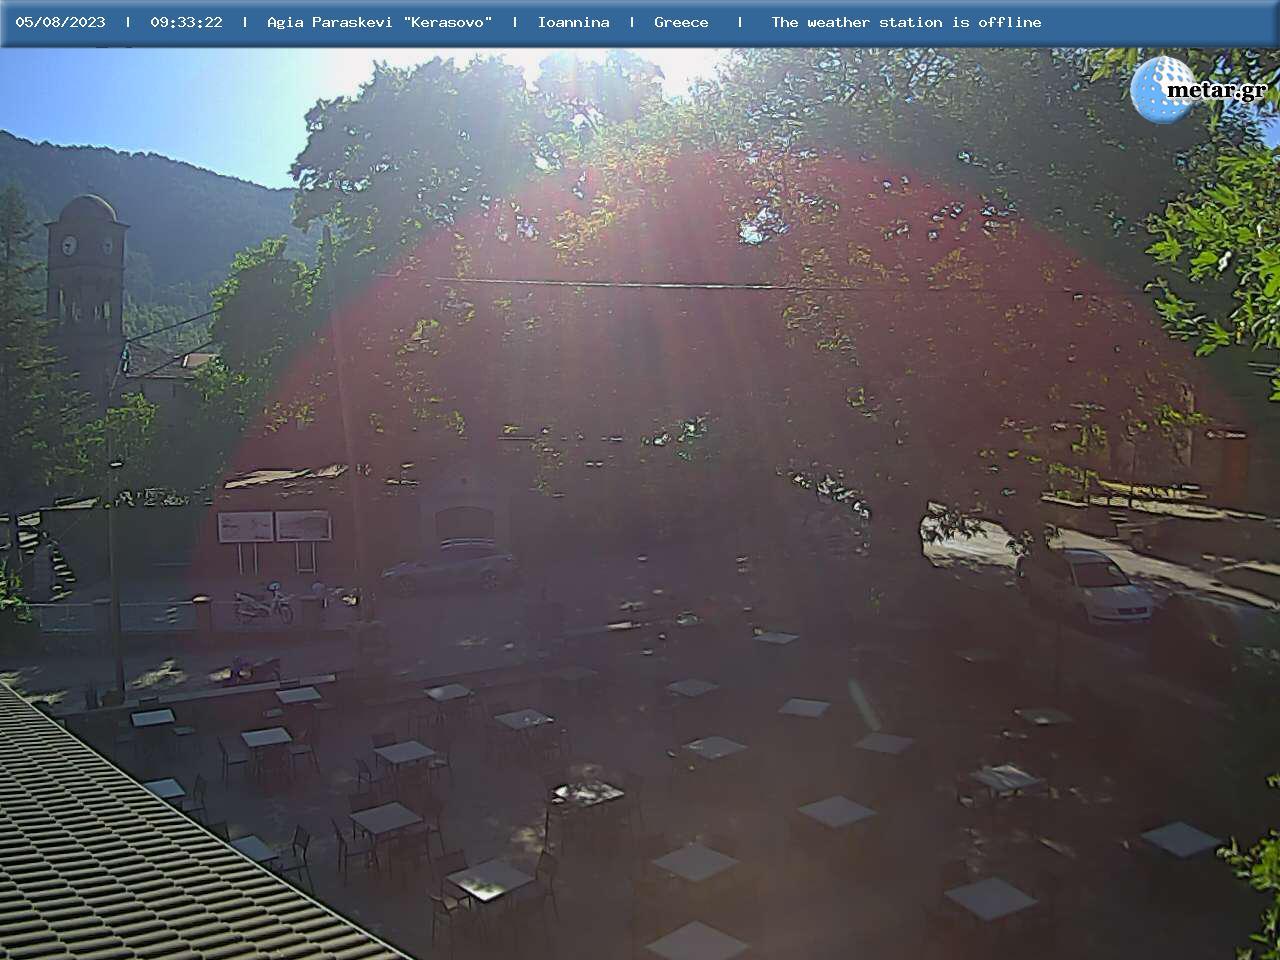 Webcam Κεράσοβο Ιωαννίων 2